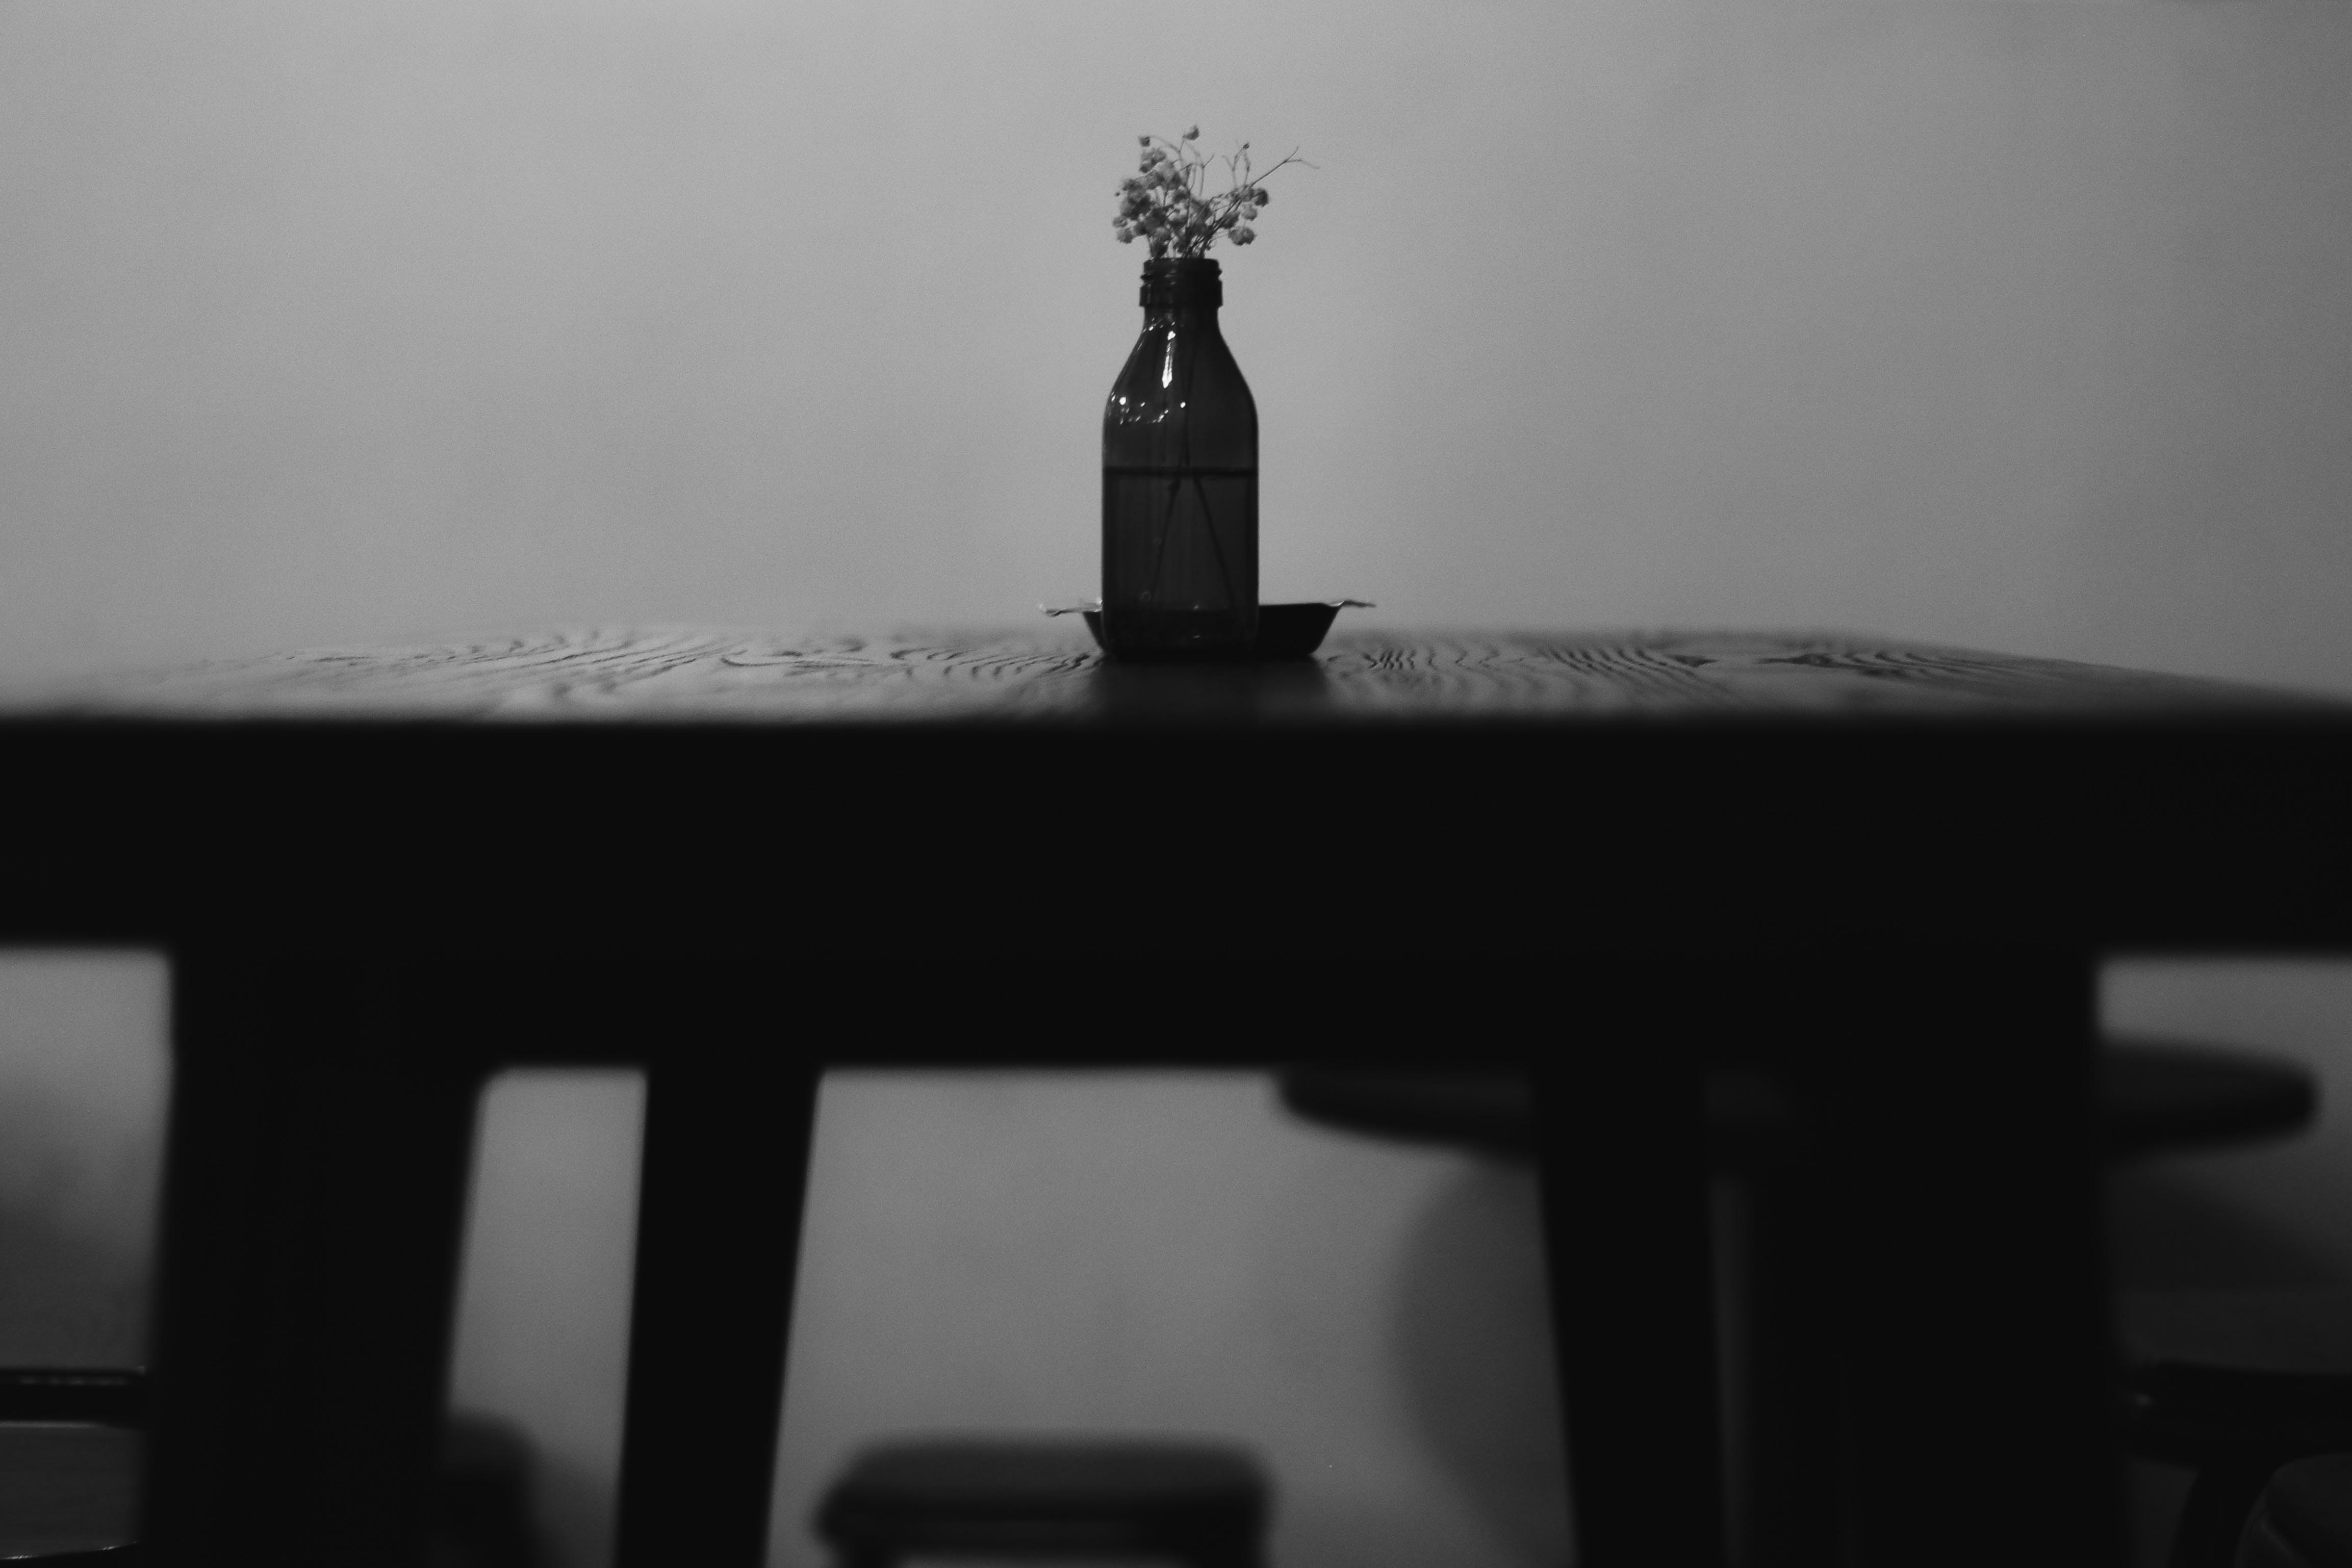 Bottle Flower Vase On Table